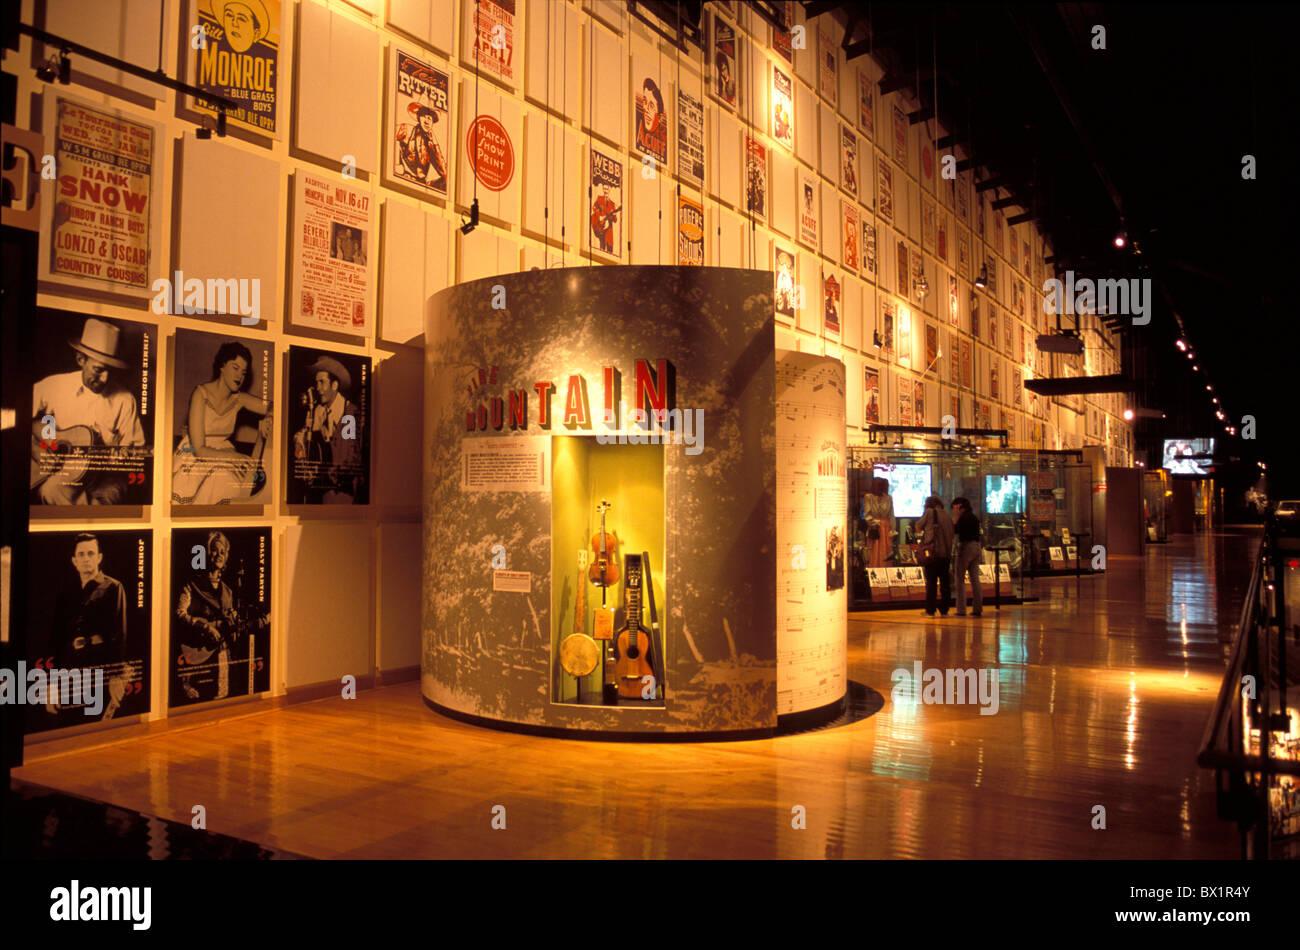 Resonante de la Fama de la música country exposición museo música de Nashville, Tennessee, ESTADOS Imagen De Stock